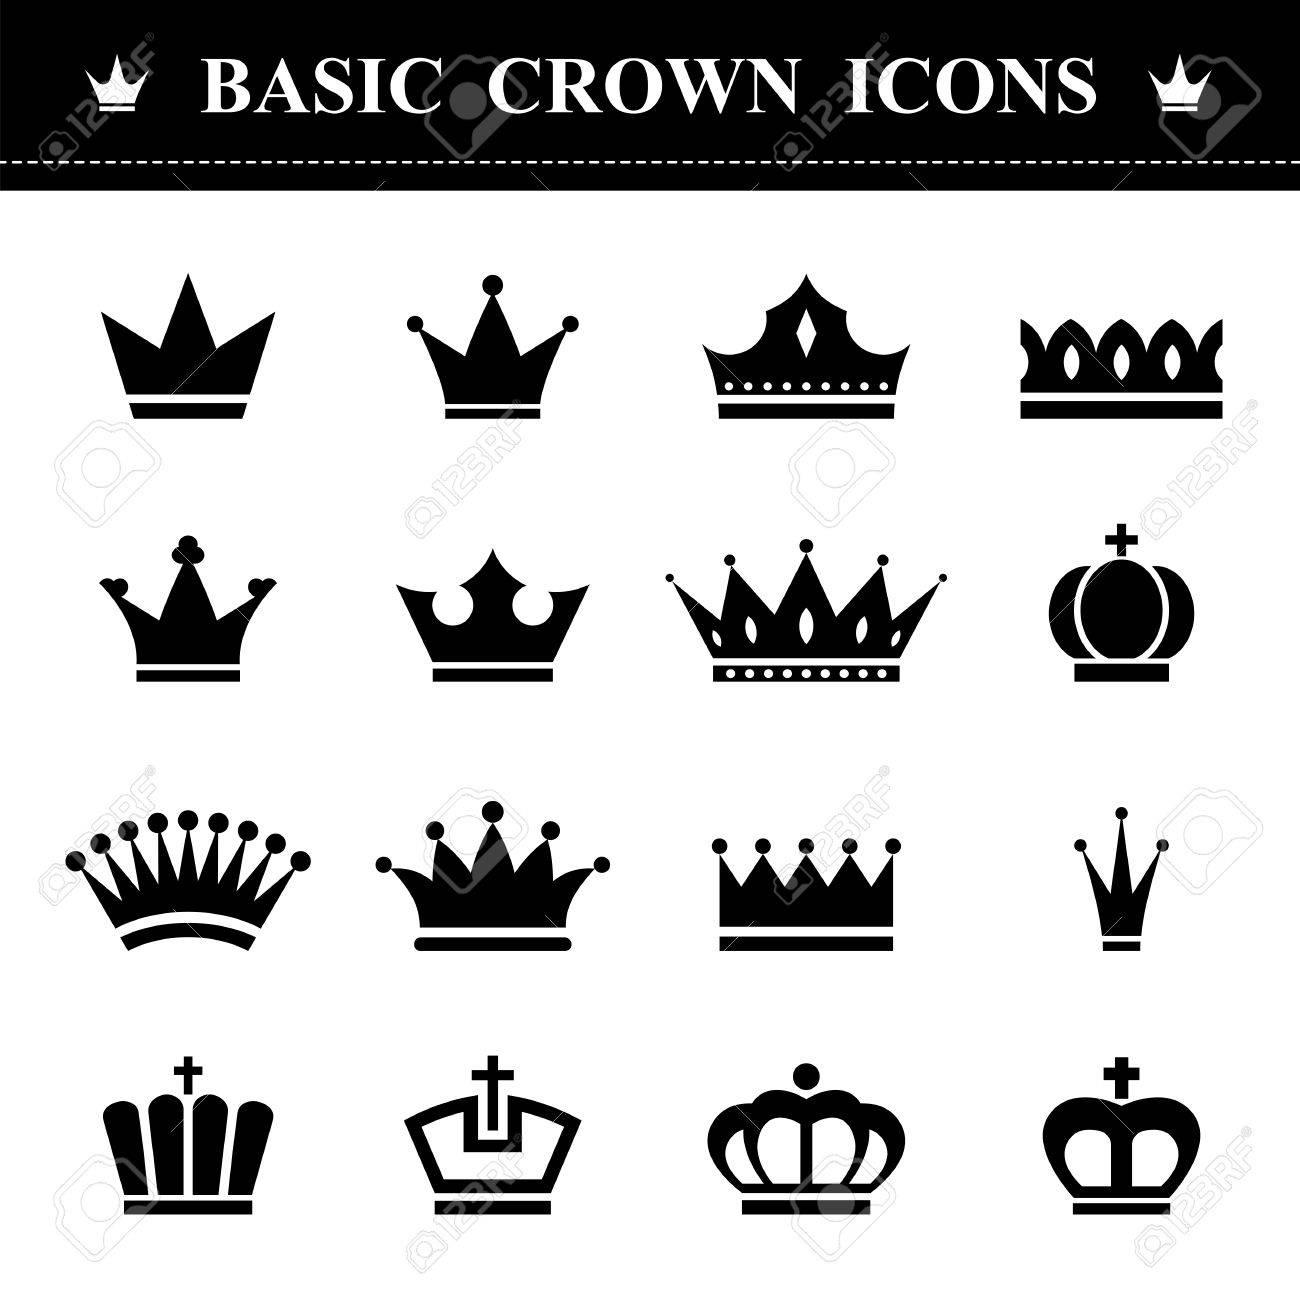 Basic Crown icons set . Illustration eps10 - 39021924